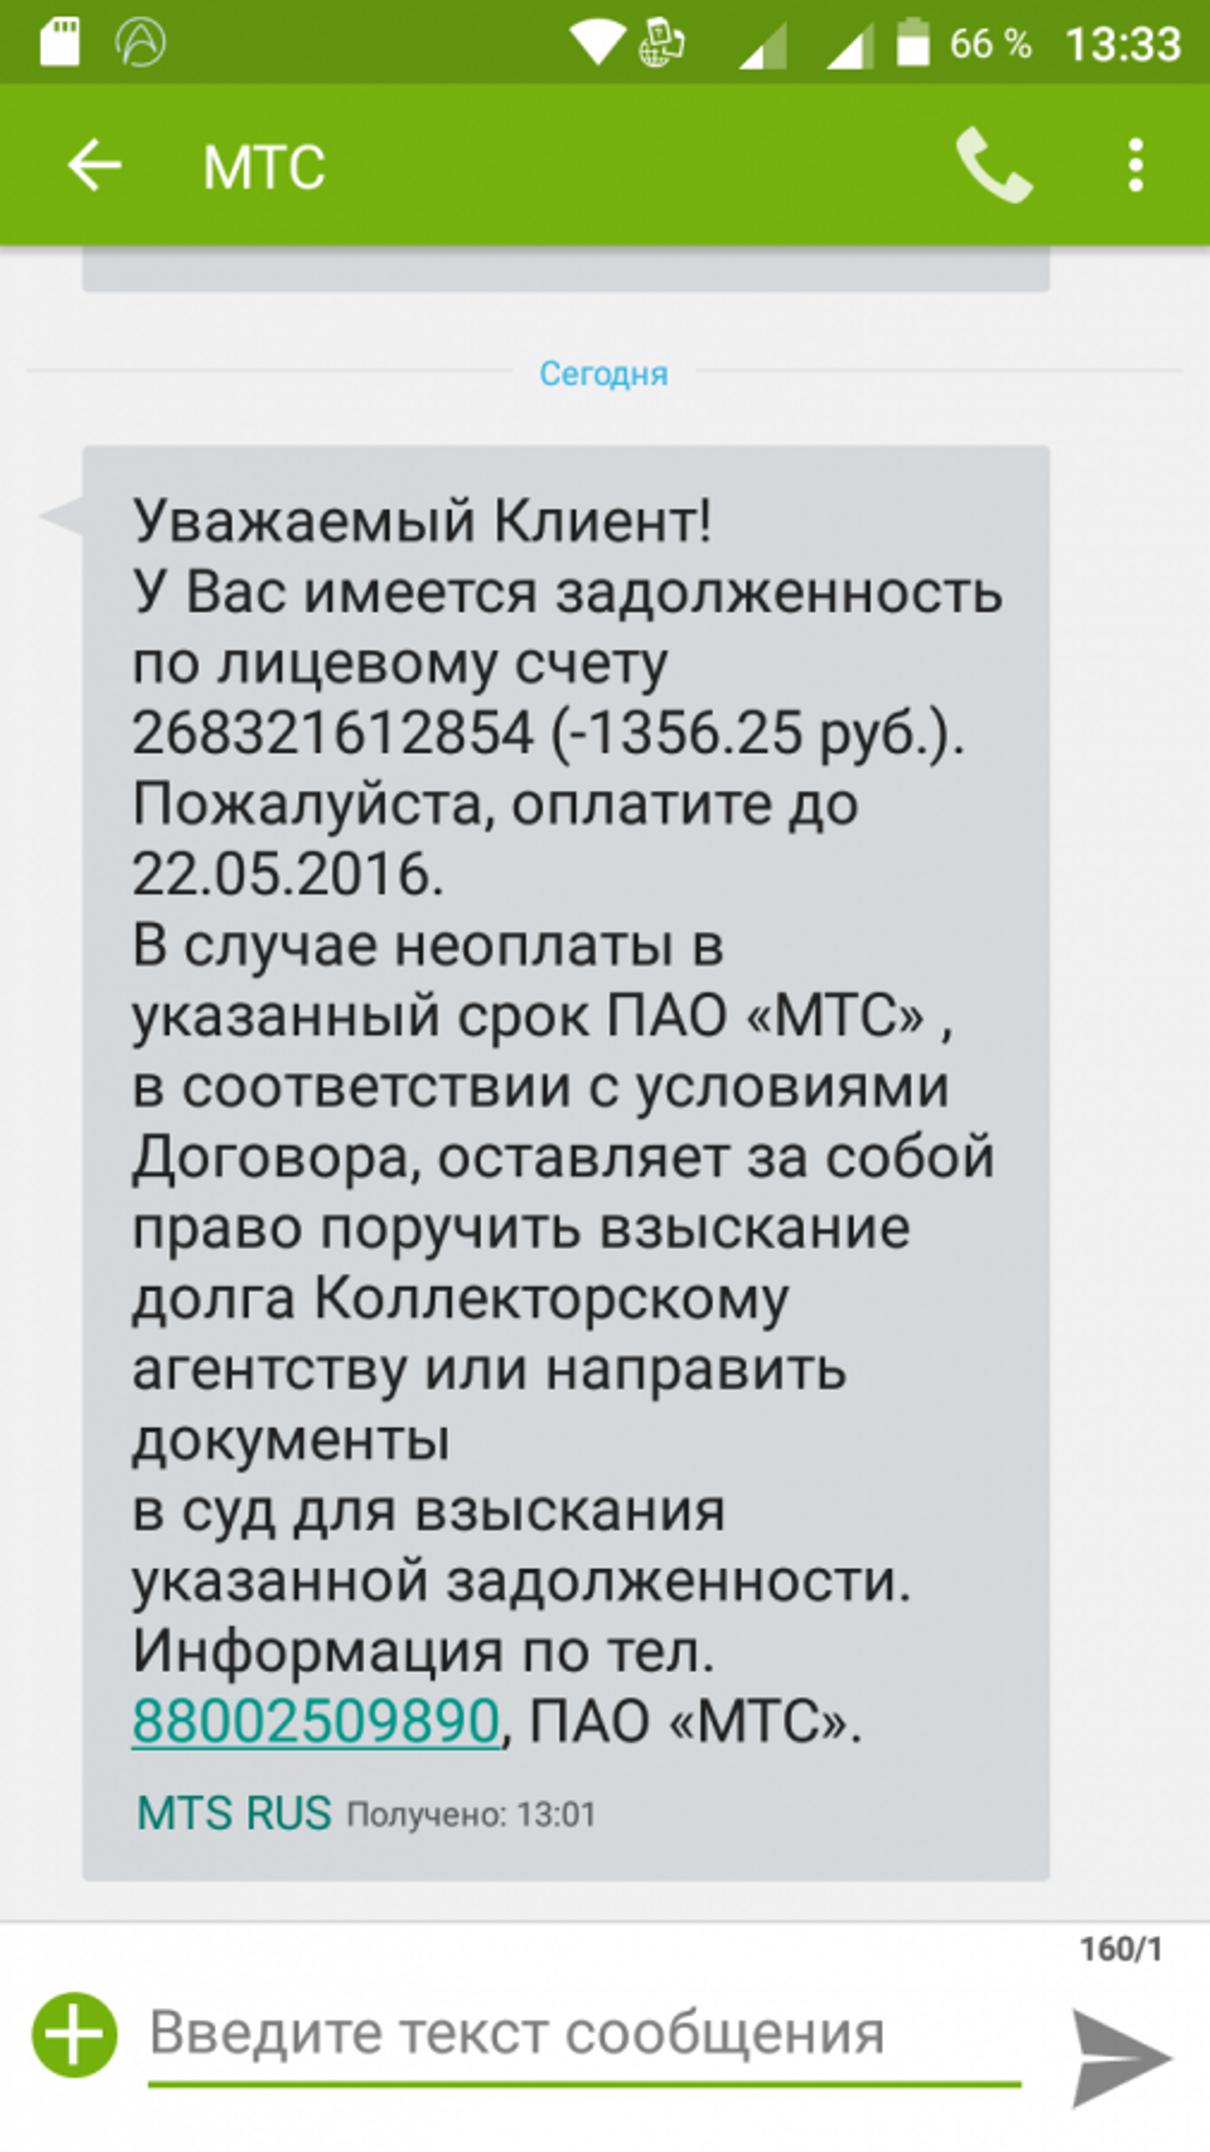 Жалоба-отзыв: Компания МТС - Угрозы и мошейничество.  Фото №1